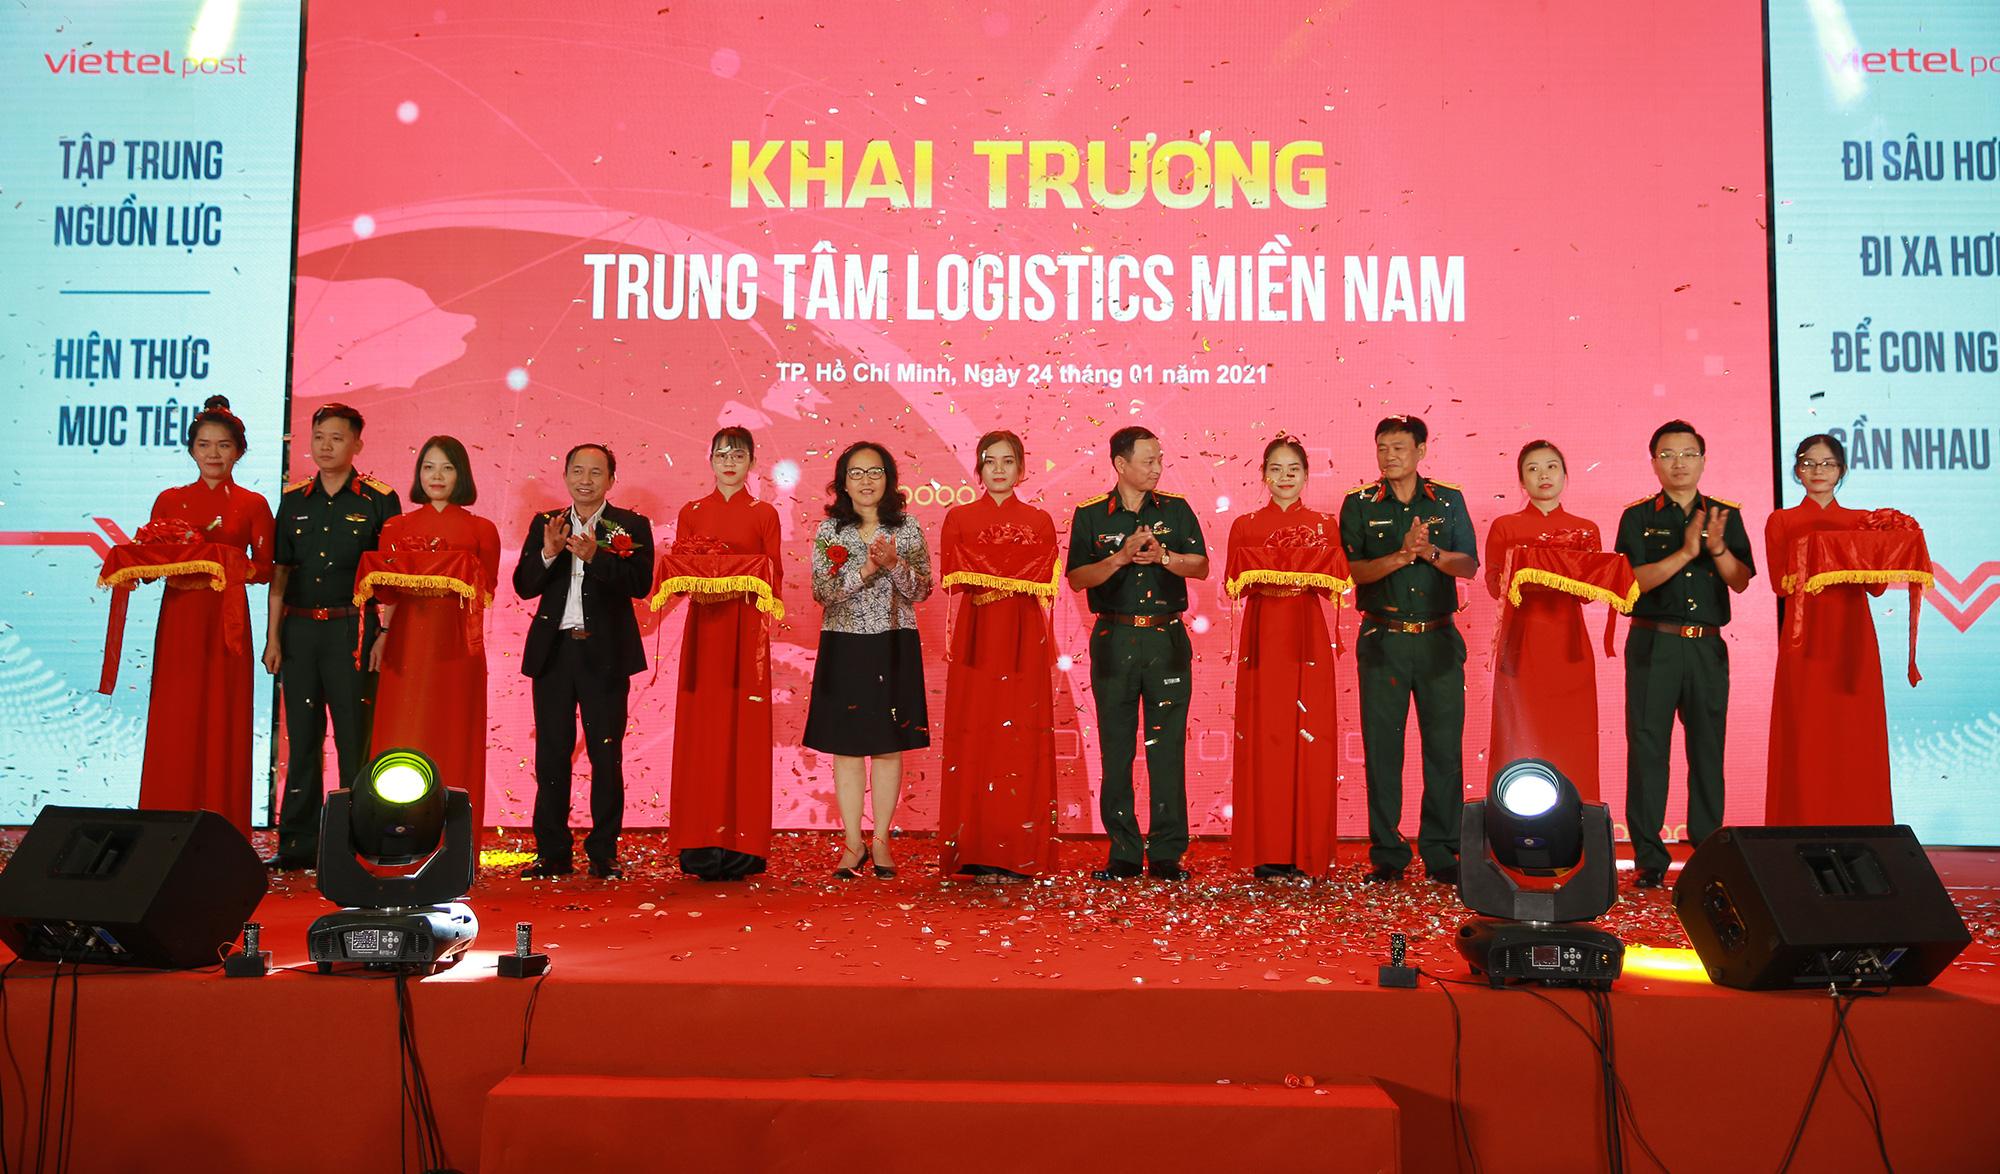 Kỳ tích ngành logistics đến từ chiếc máng trượt 18 triệu đồng và giải pháp chưa từng có trên thế giới tại Viettel Post - Ảnh 1.